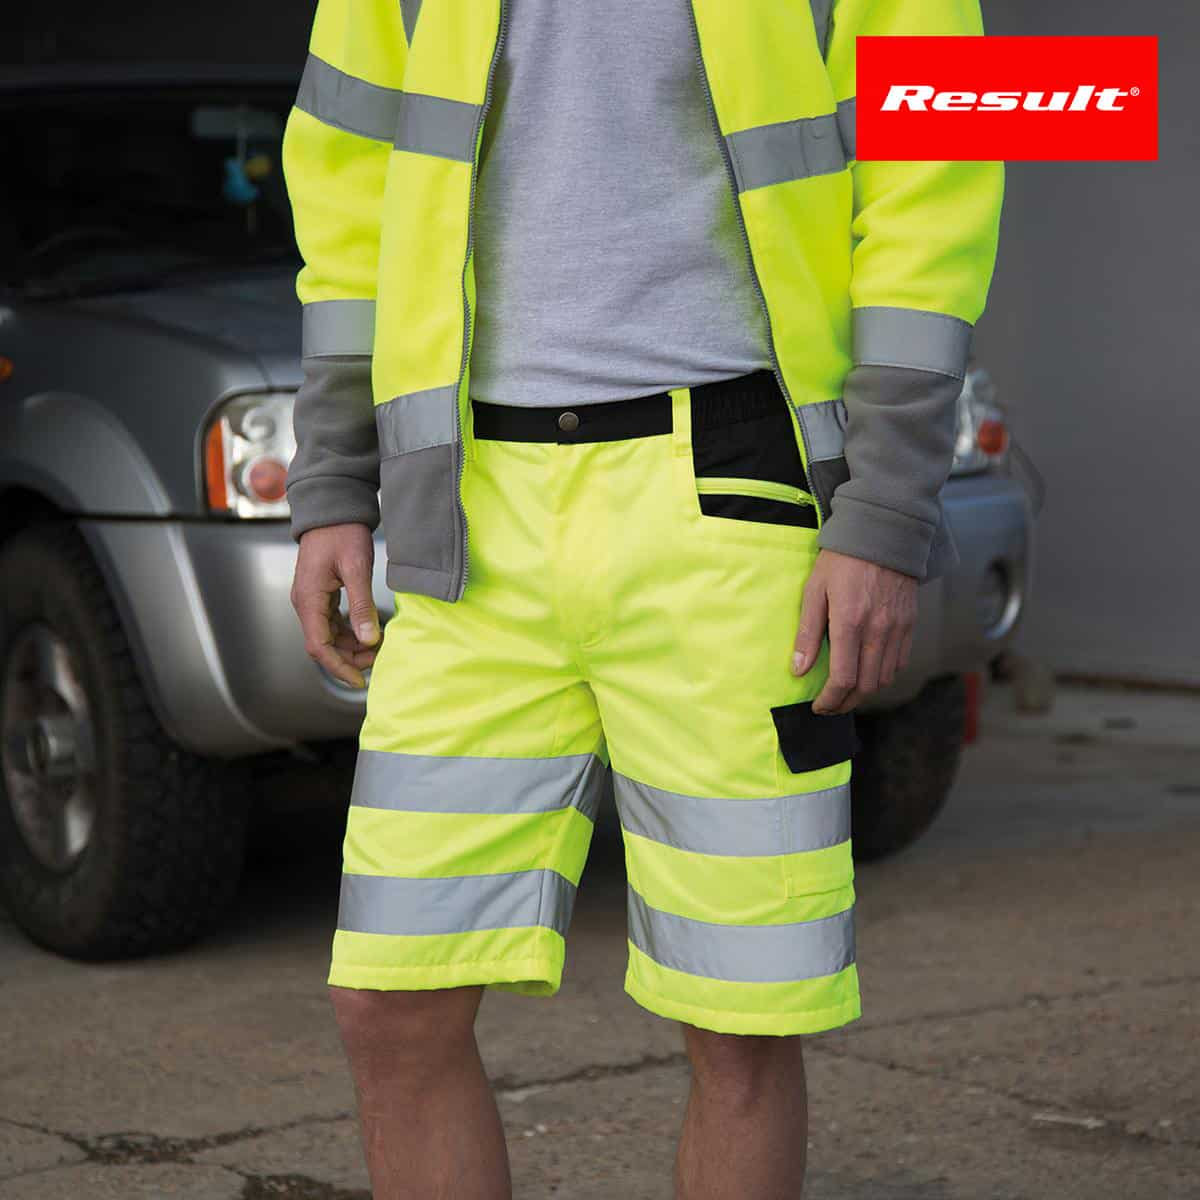 Dettaglio vita di un uomo con pantaloncini e gilet da lavoro giallo fluo con bande riflettenti